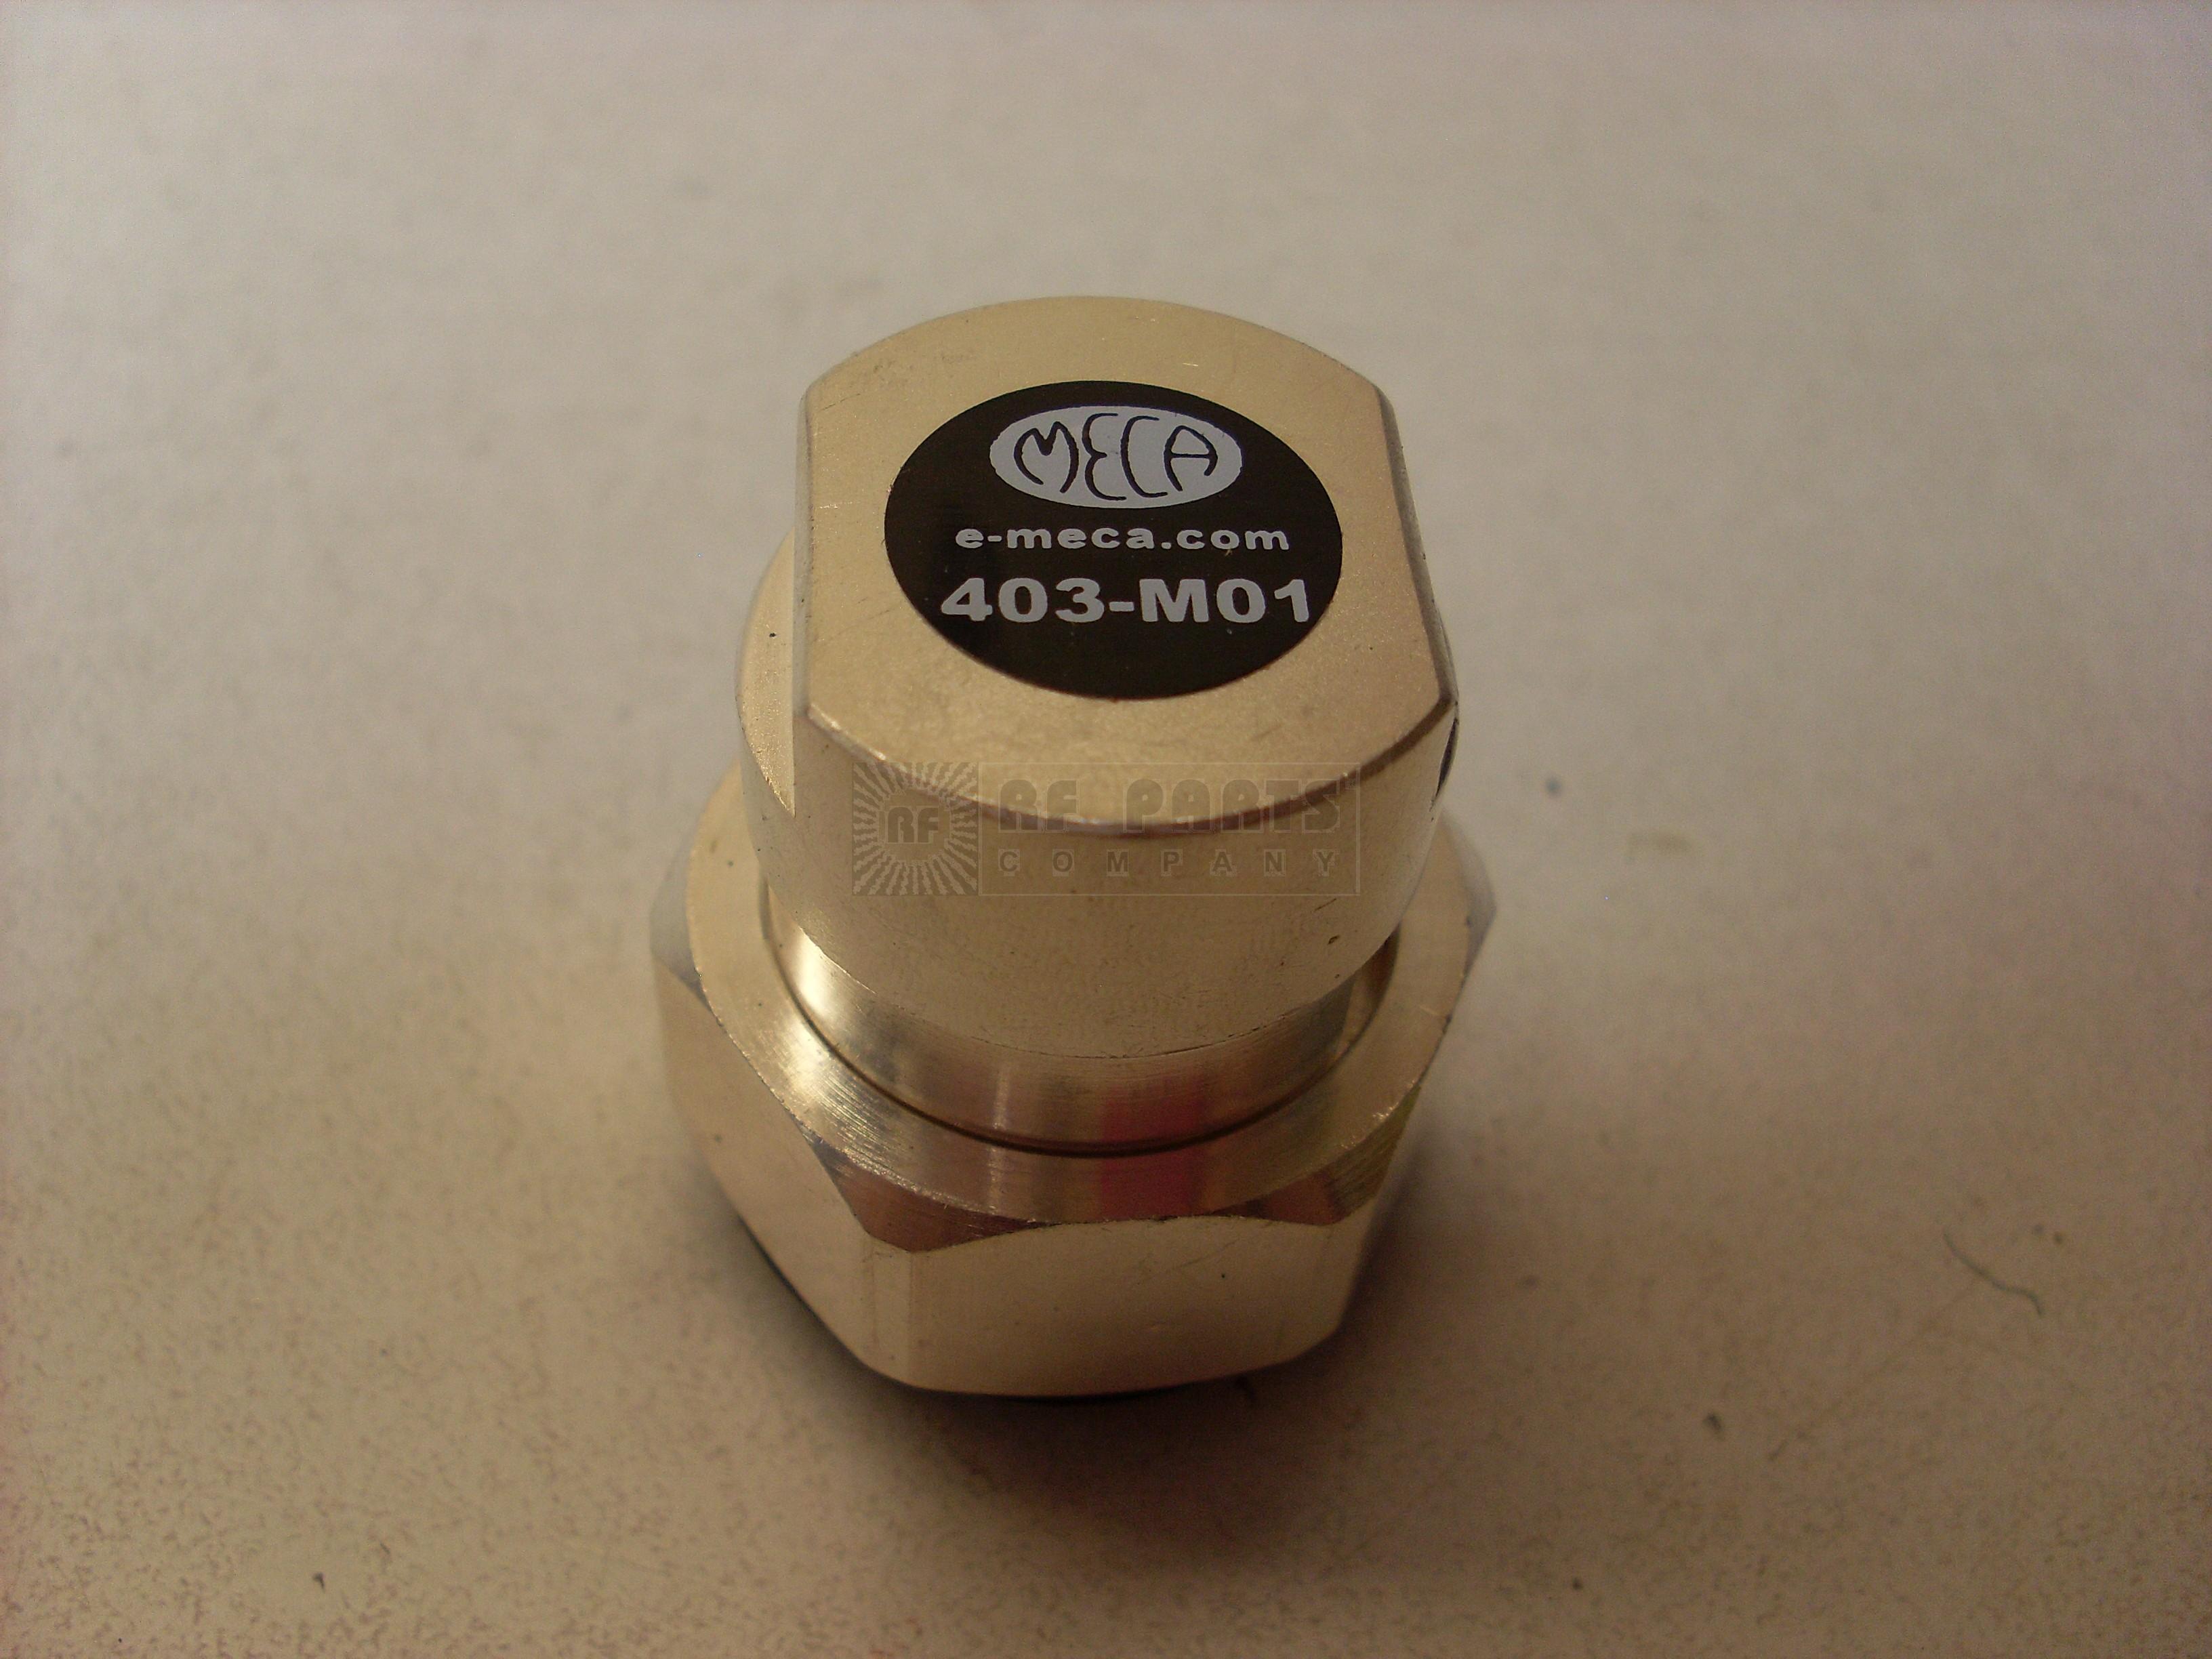 403-M01 Dummy Load, 7/16 DIN Male, Meca